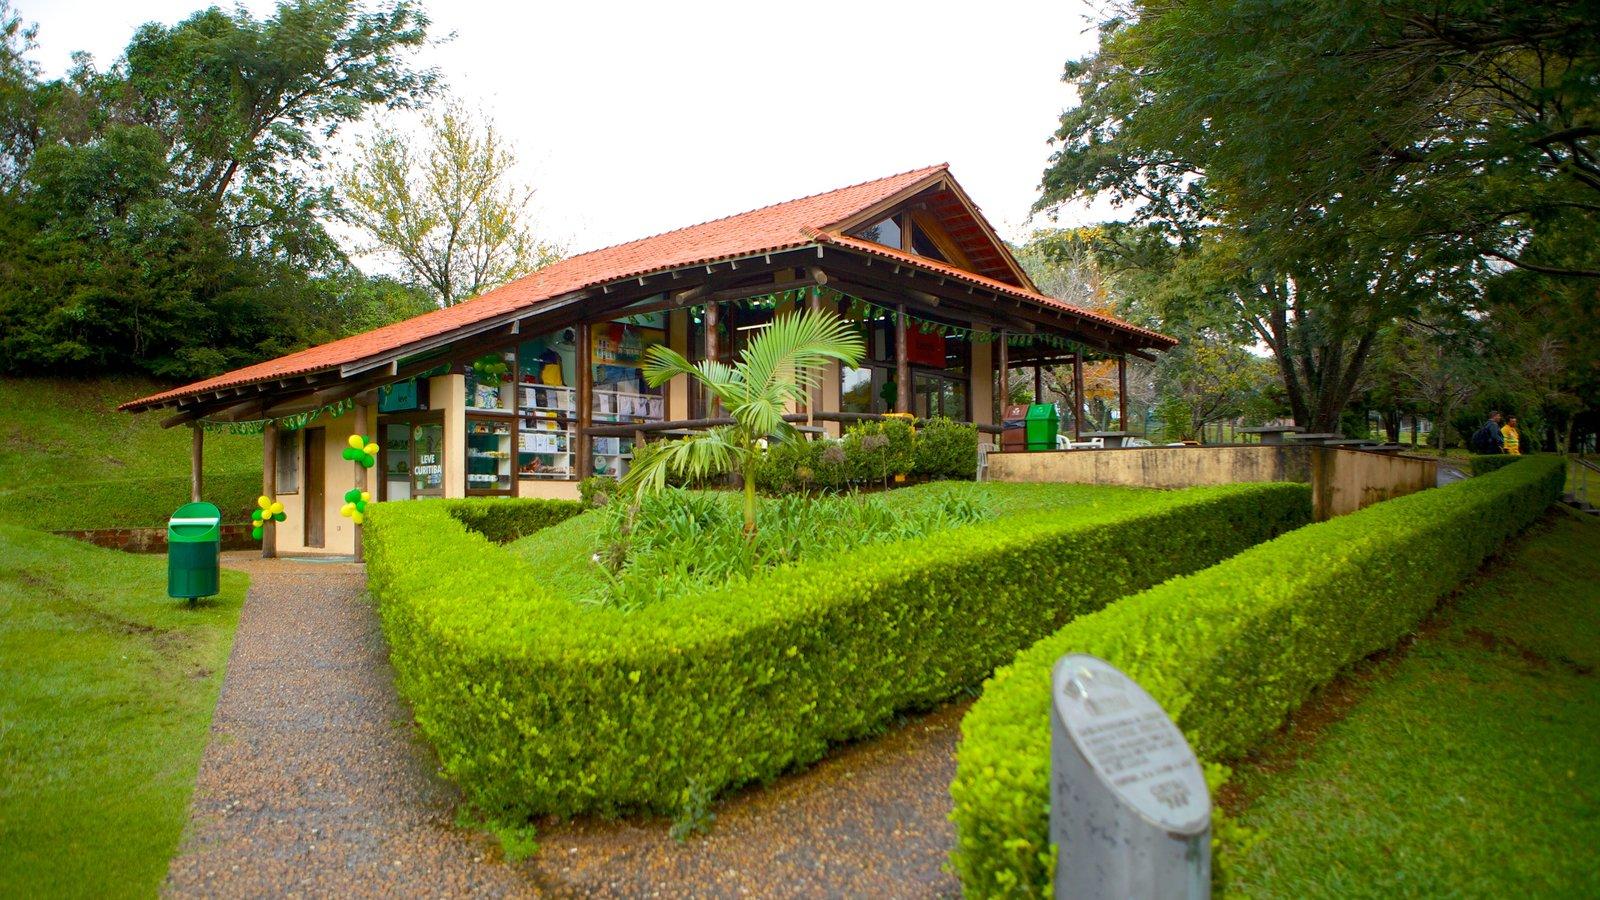 Parque Botânico de Curitiba caracterizando um parque